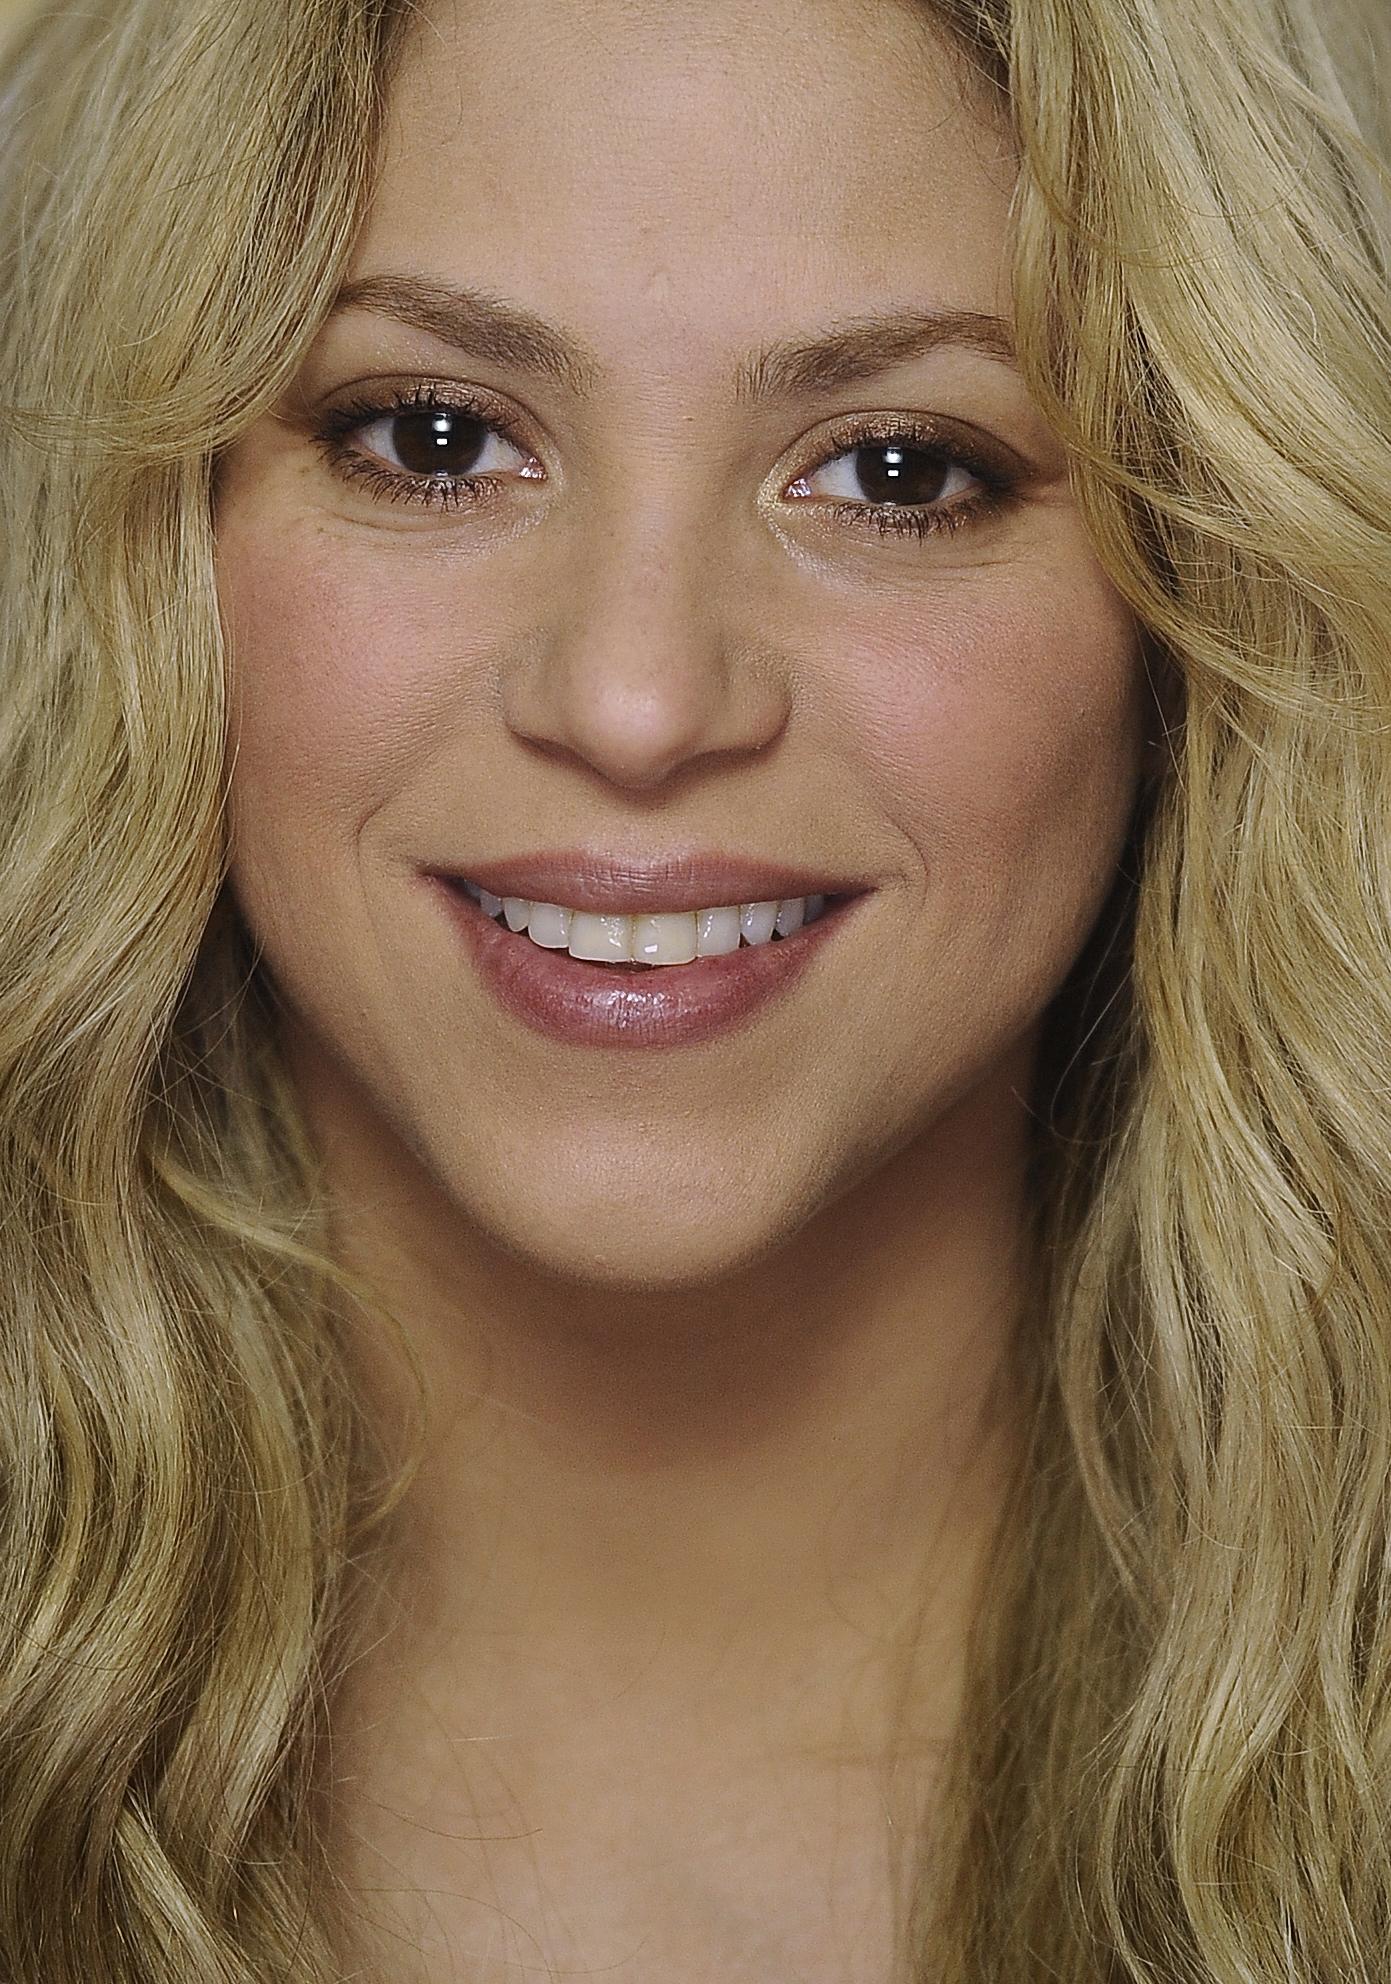 9 знаменитостей, которые делают макияж самостоятельно: Шакира